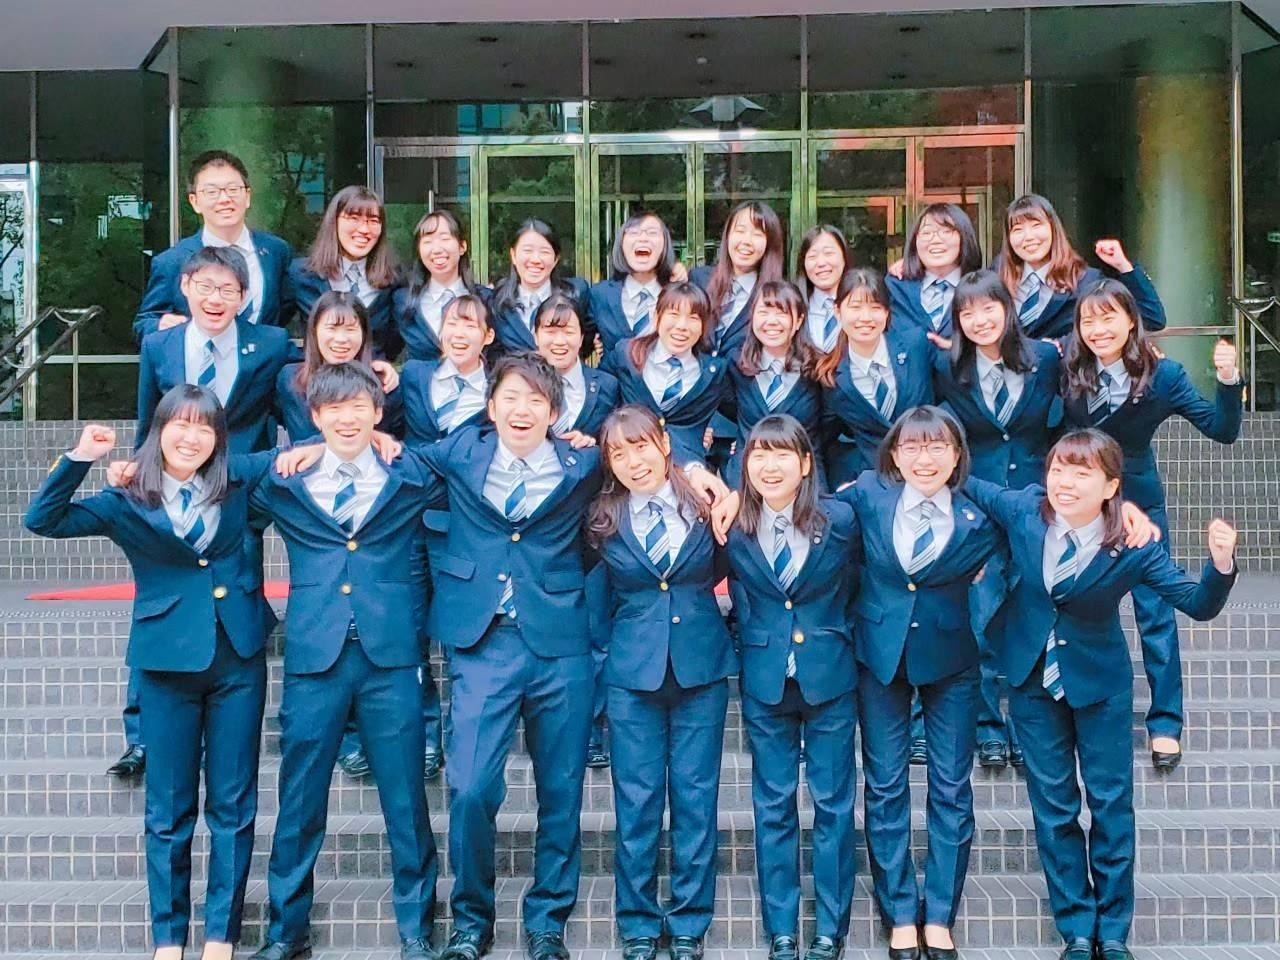 関西大学応援団吹奏楽部 4年生集合写真